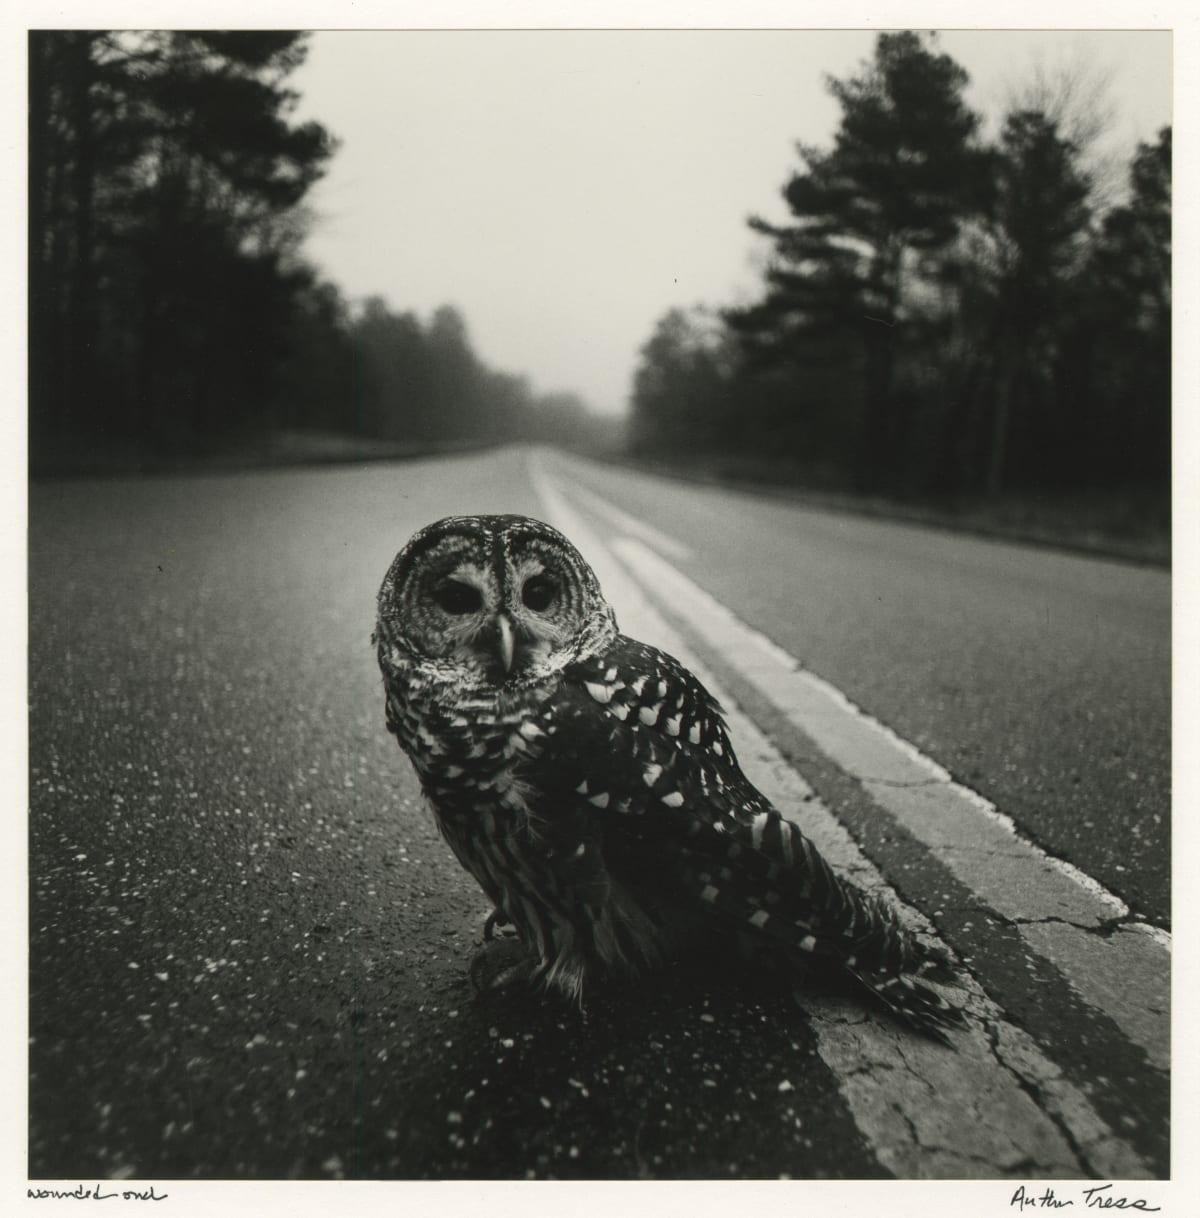 Arthur Tress, Wounded Owl, 1975